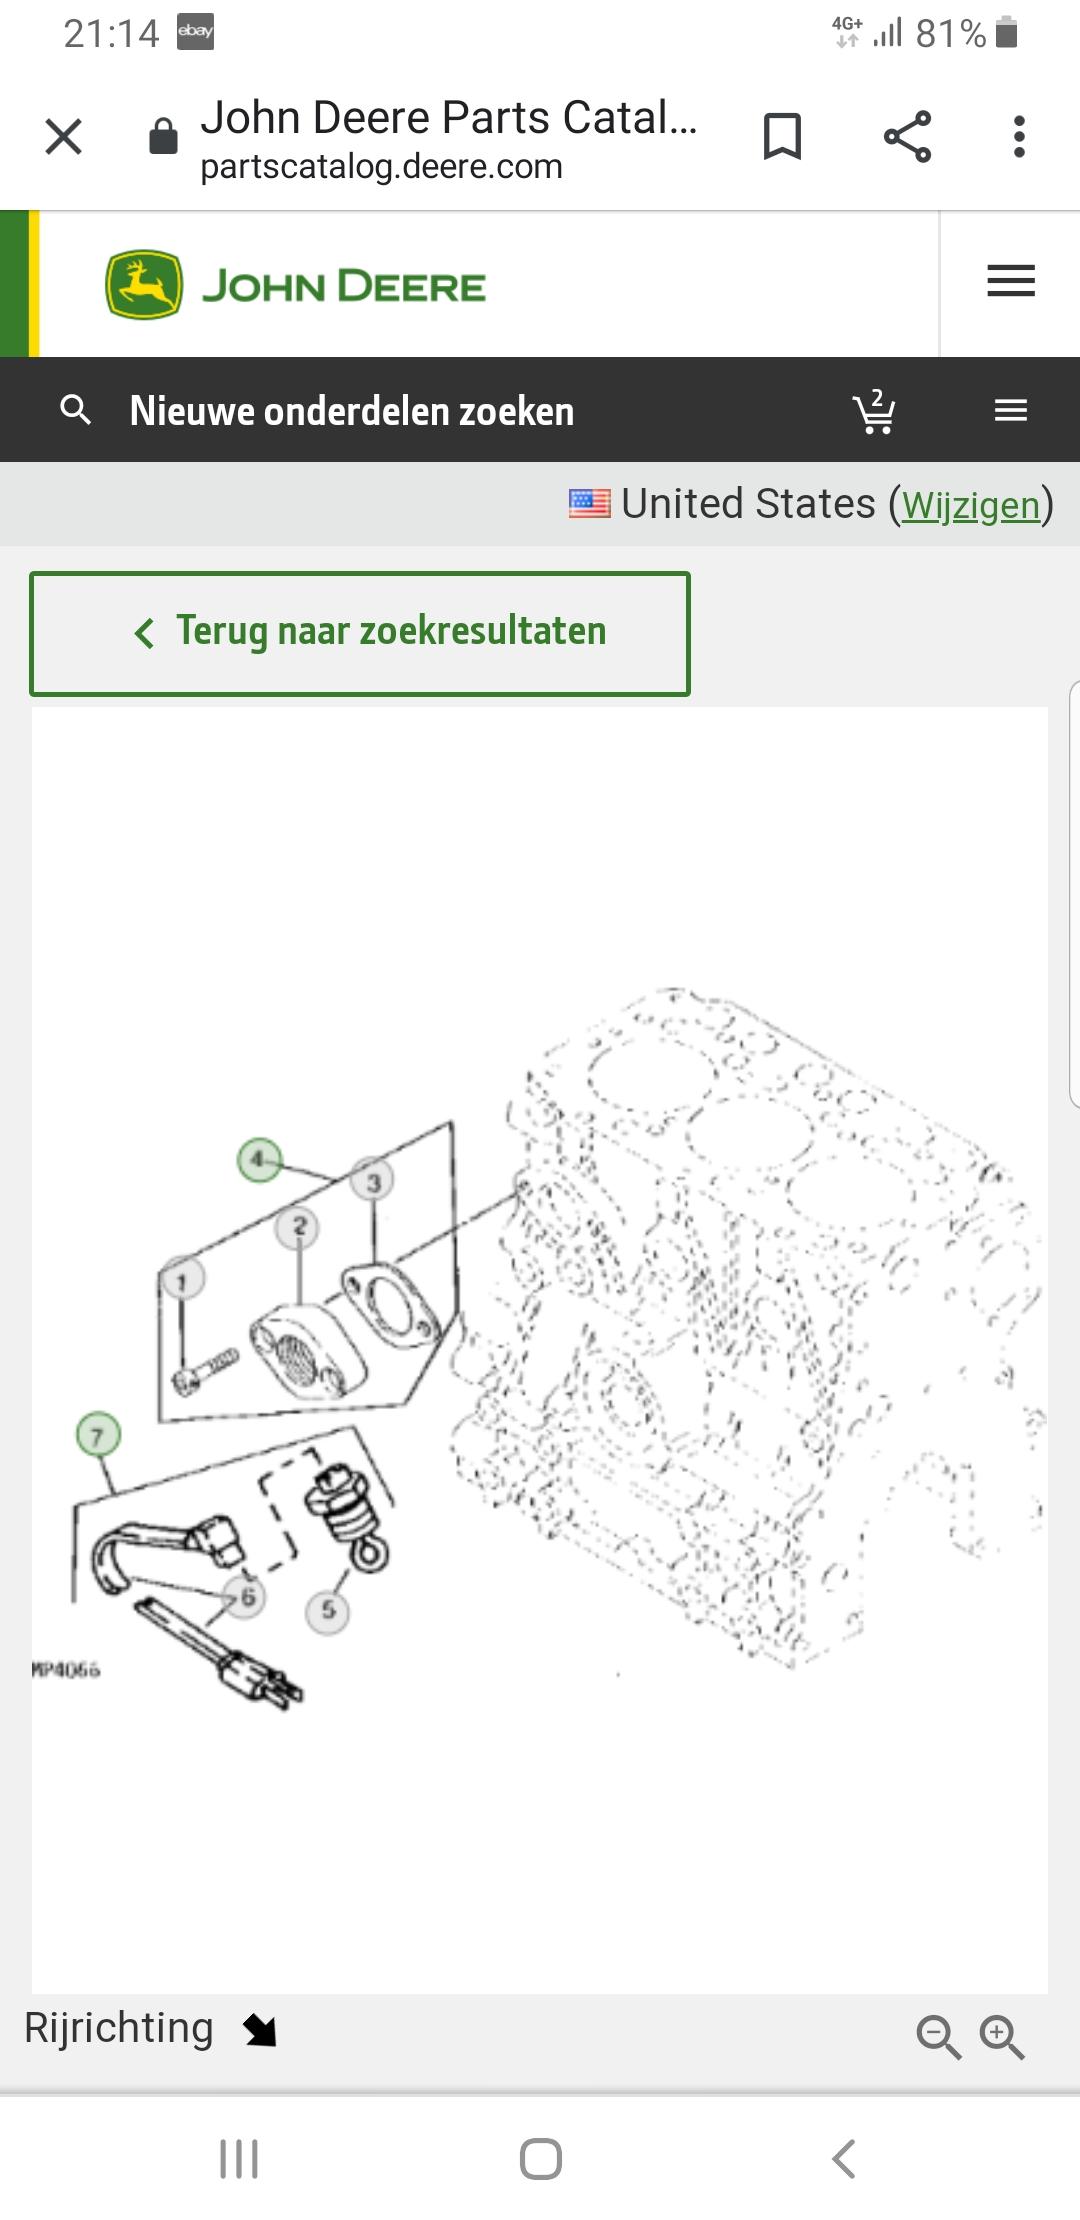 2007 6x4 Diesel block heater-screenshot_20191130-211408_chrome_1575141282074.jpg